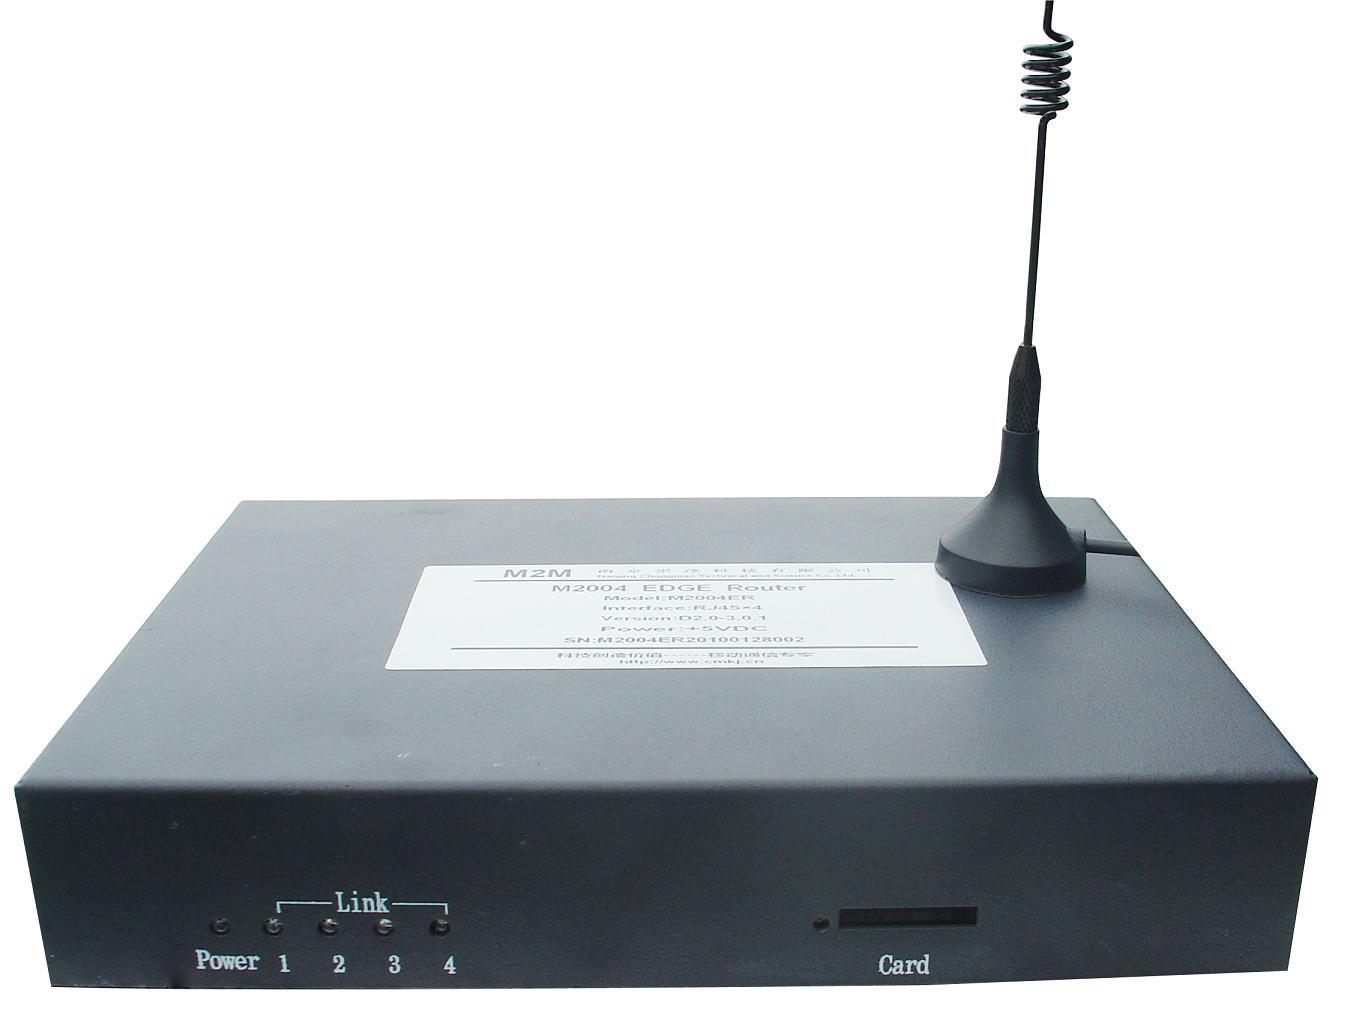 贝斯特BSTBET.COM_供应M2004 EDGE 无线路由器